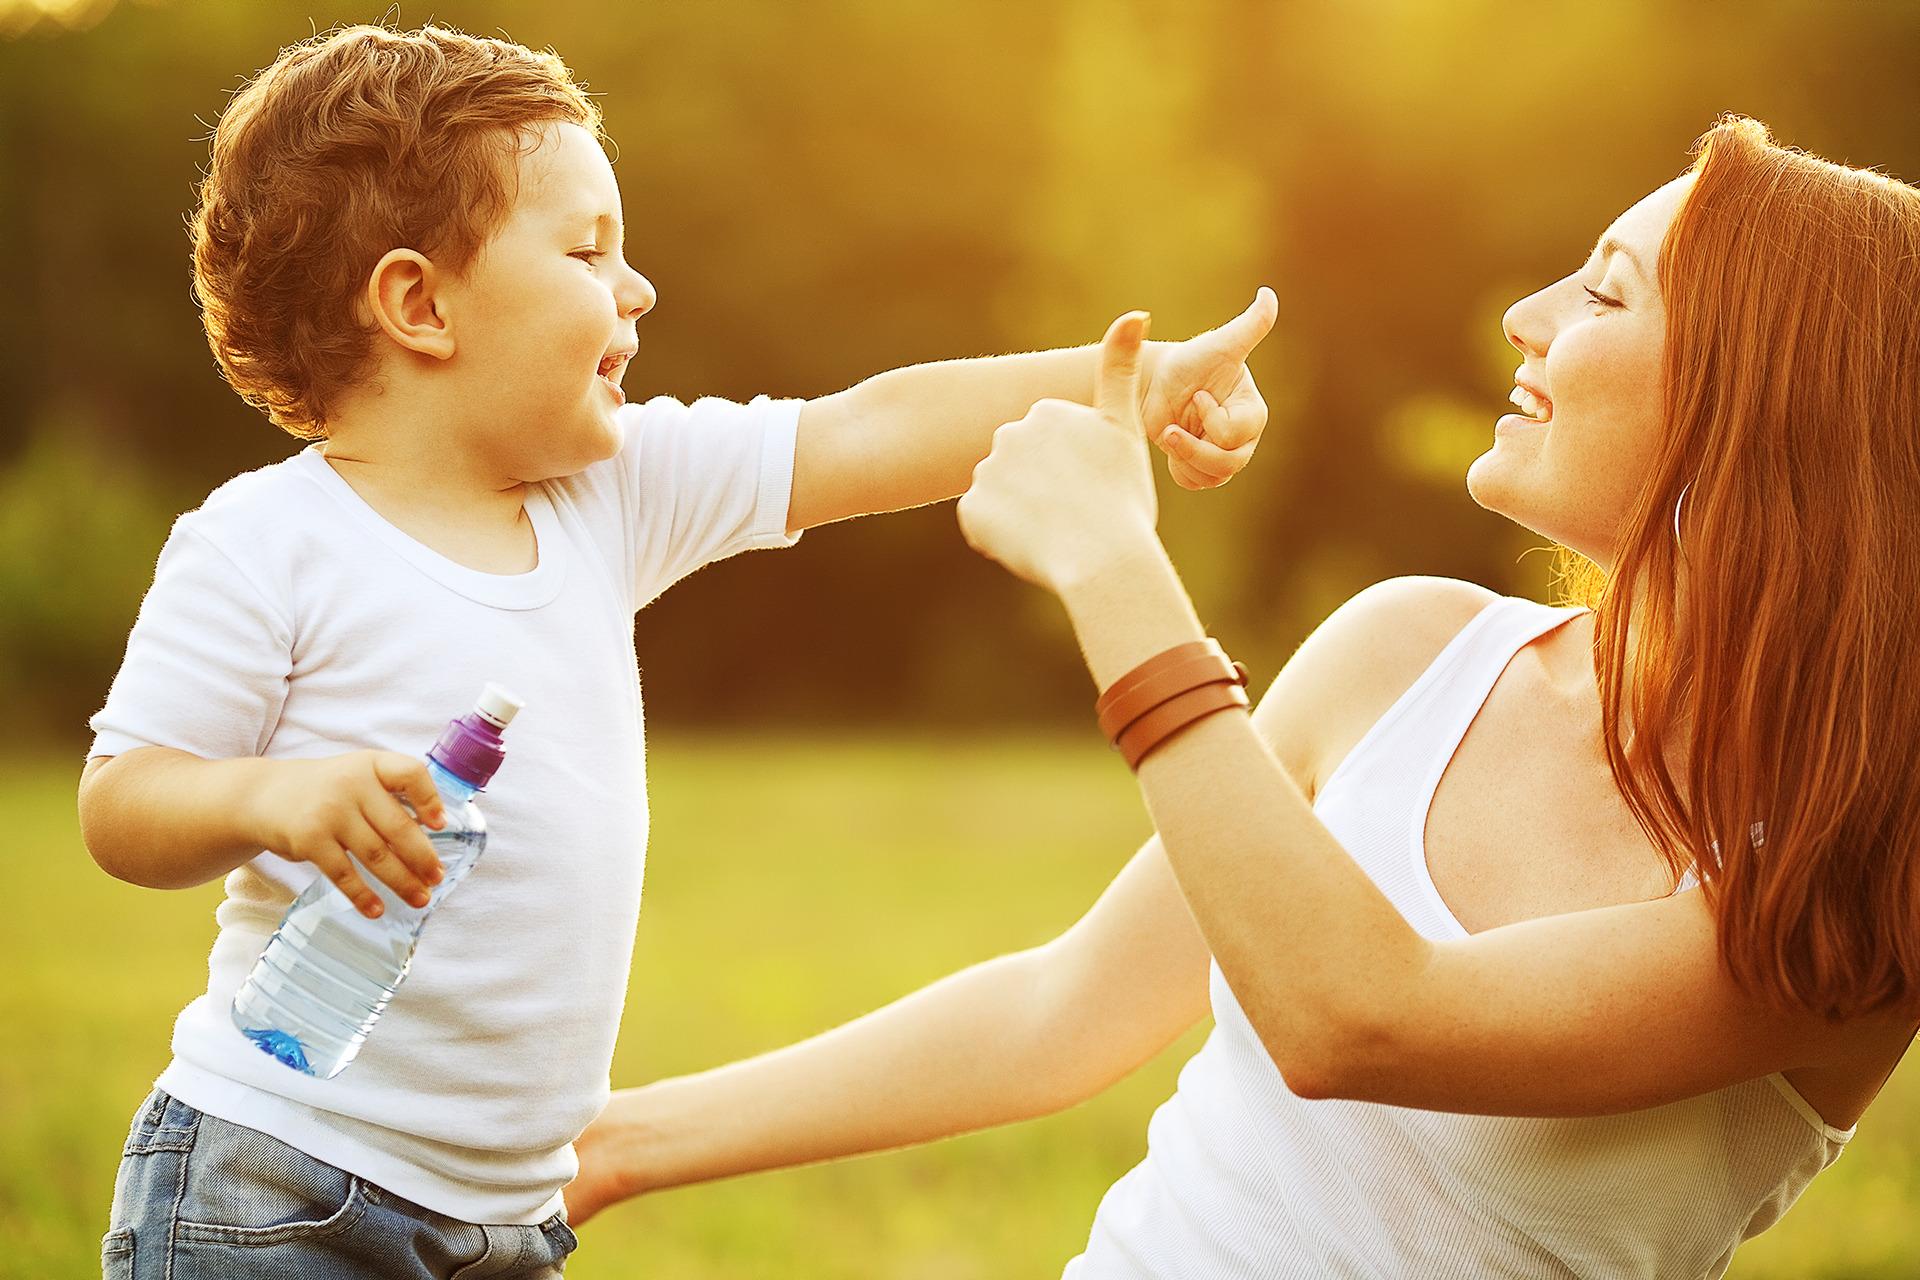 Исследование асимметрии мозга с ее соотнесением к привязанности в диаде мама-ребенок